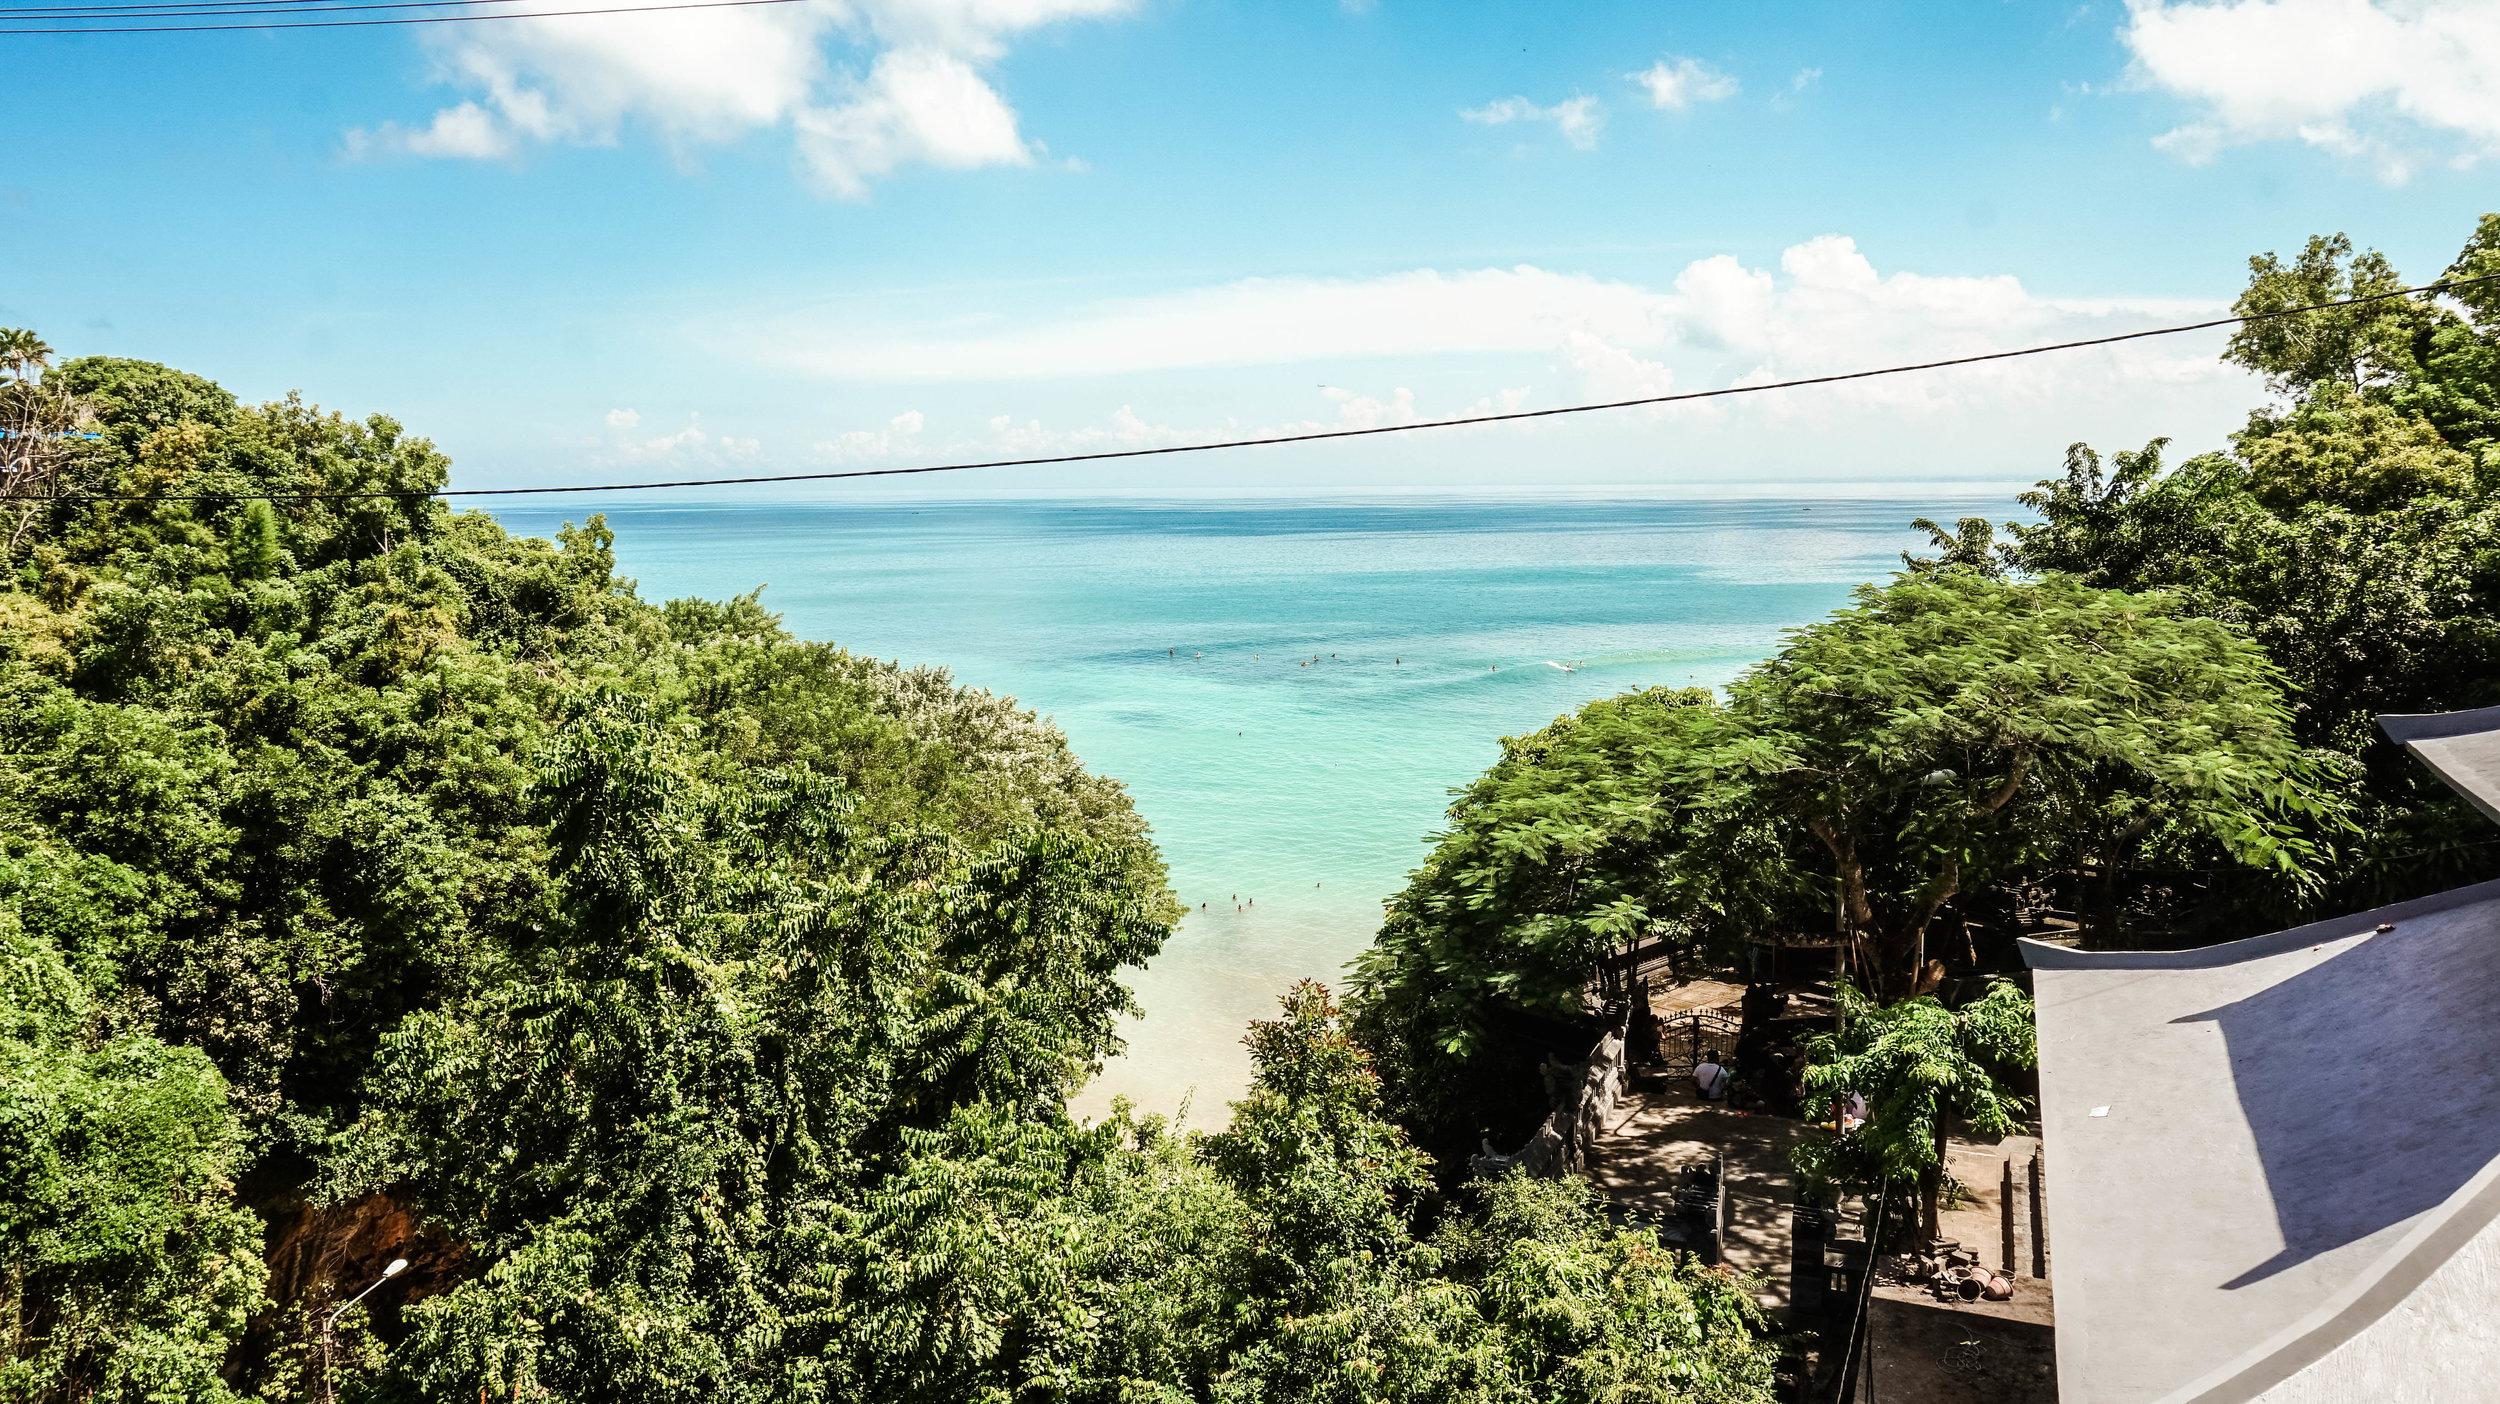 padang-beach-2018.jpg